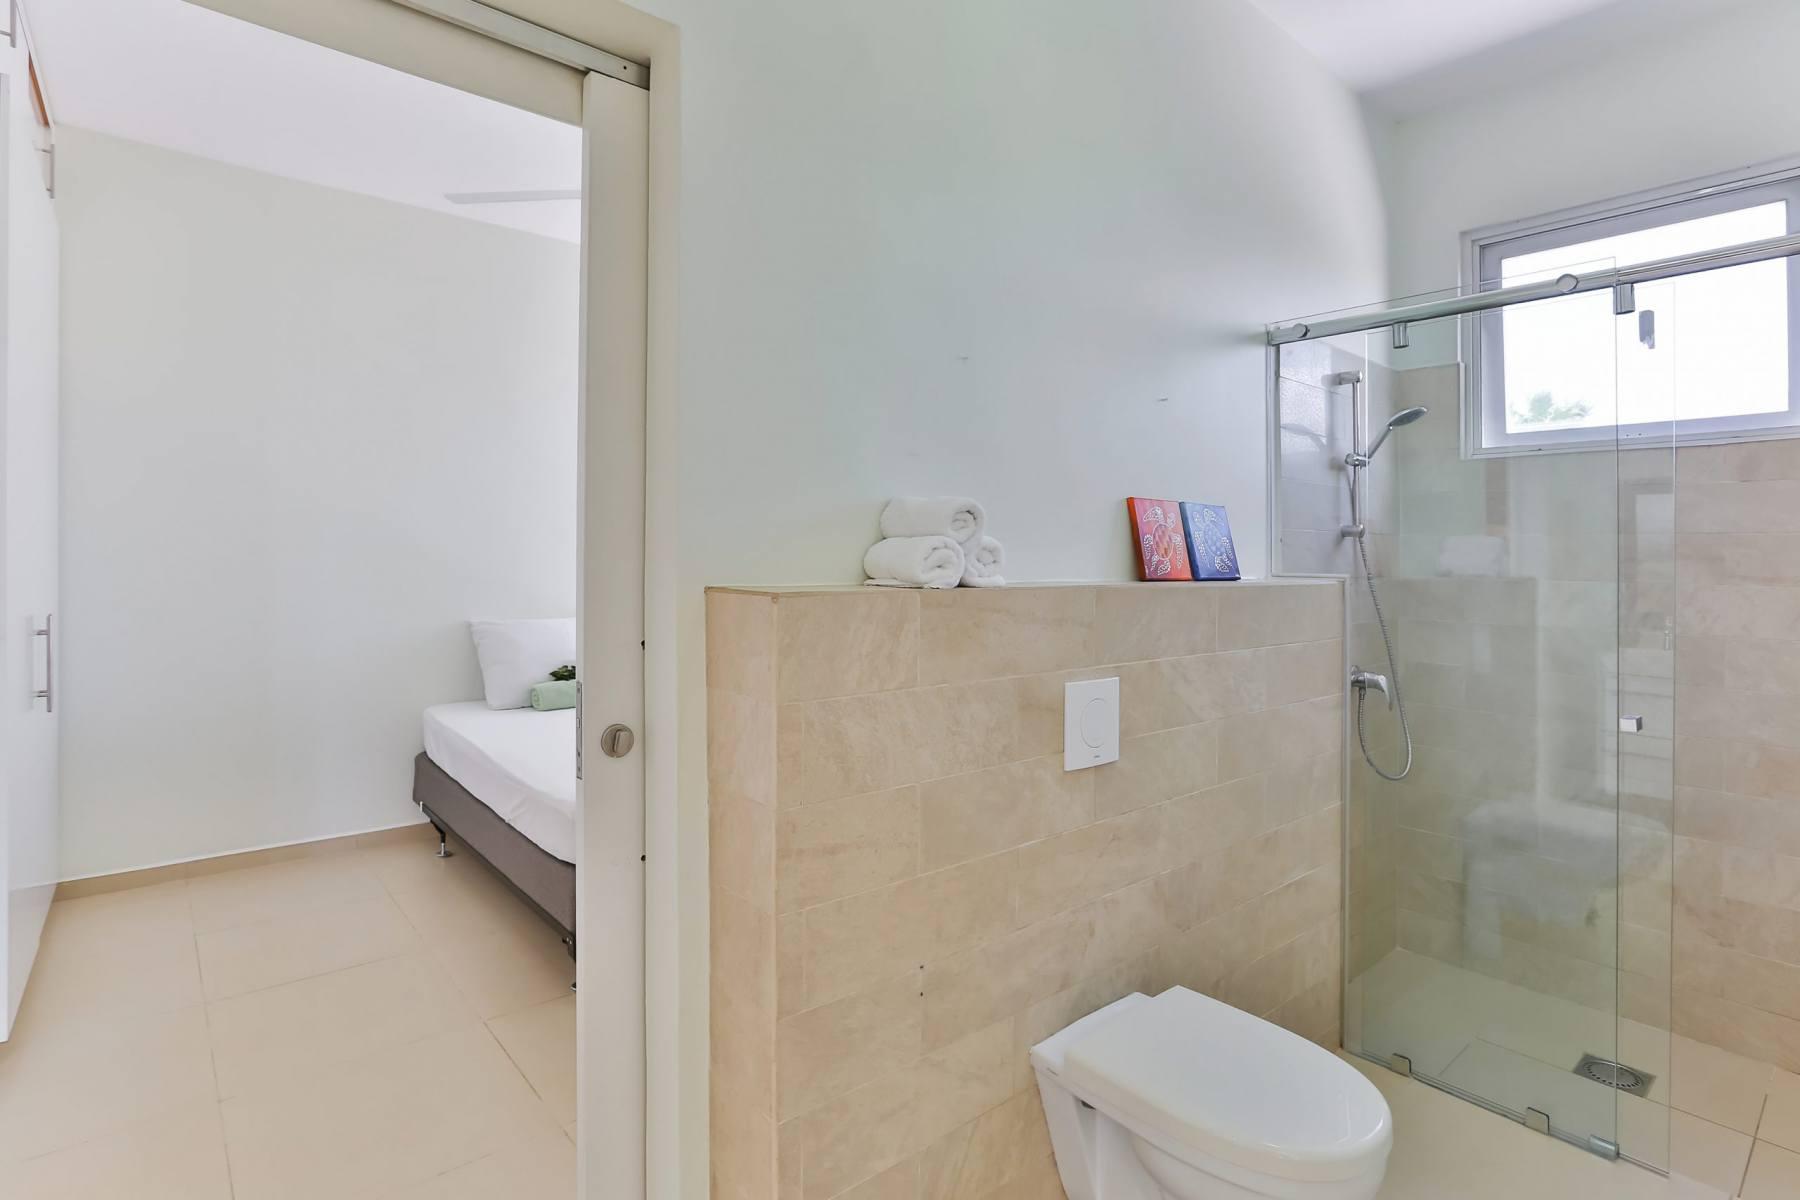 Badkamer-bij-slaapkamer-2-scaled